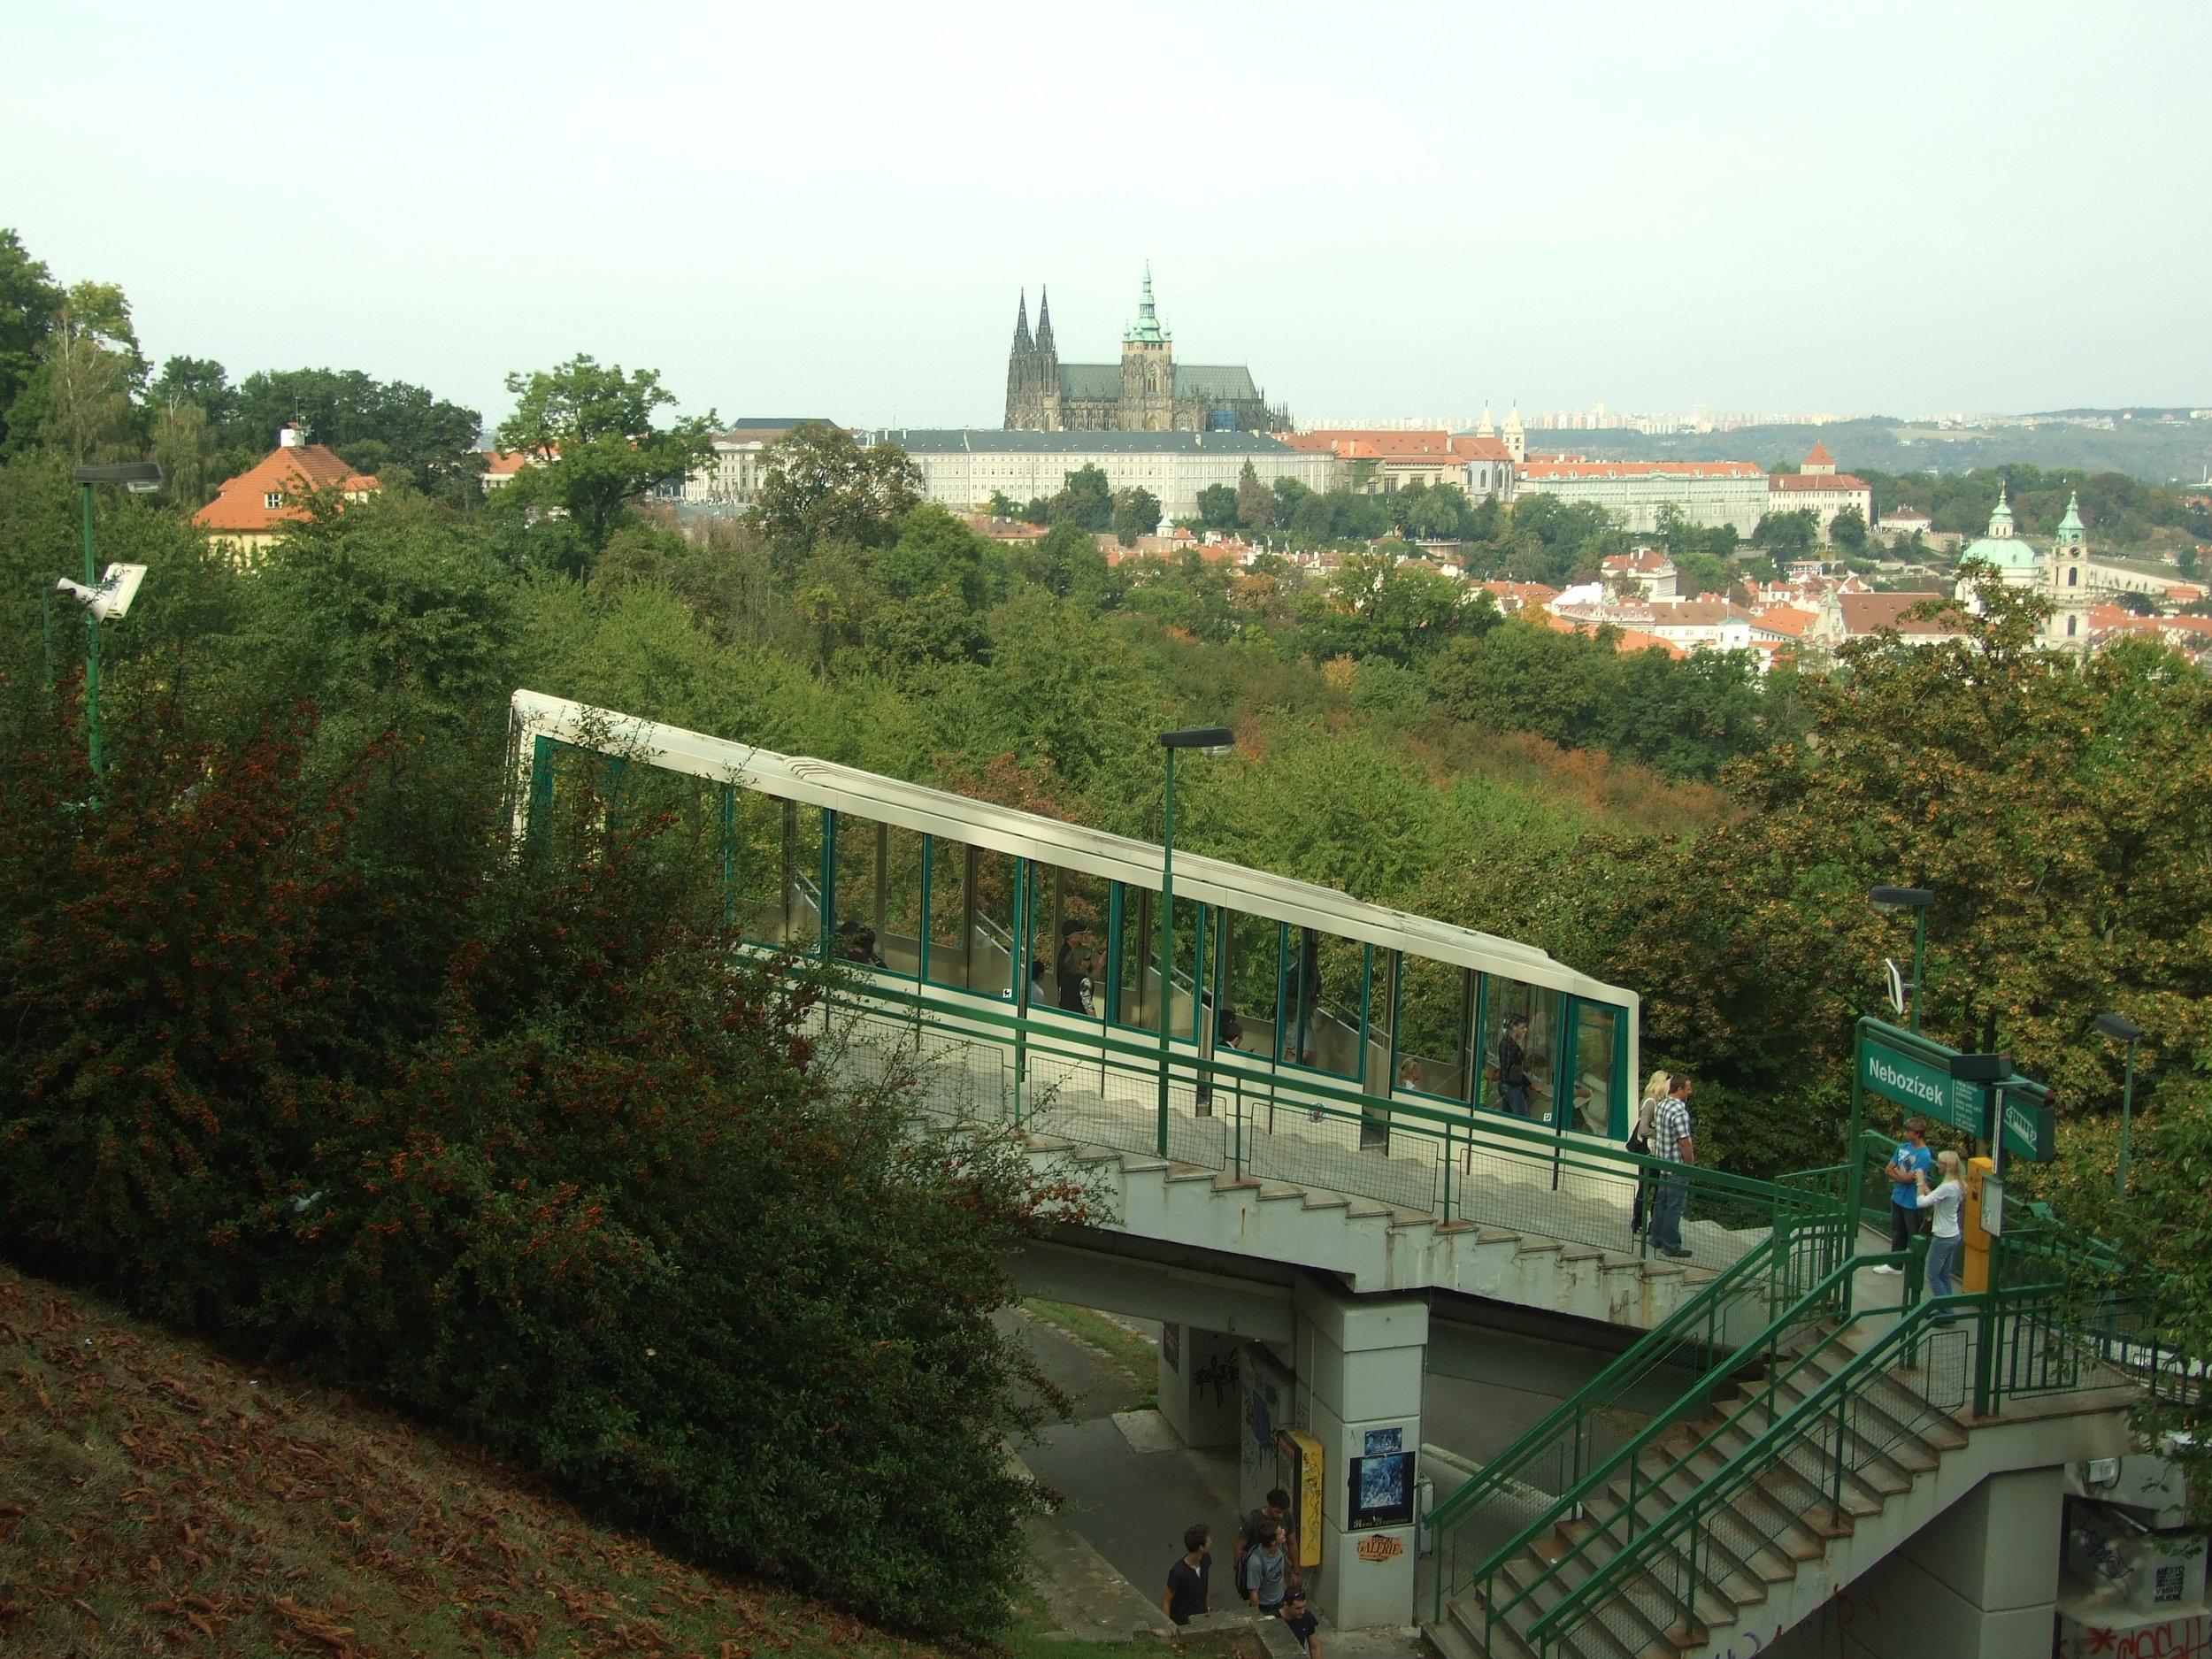 Lanovka na Petřín patří mezi atrakce Prahy. Vhodně propojuje její památky a nabízí úchvatné pohledy na město. (foto: Wikipedia.org)